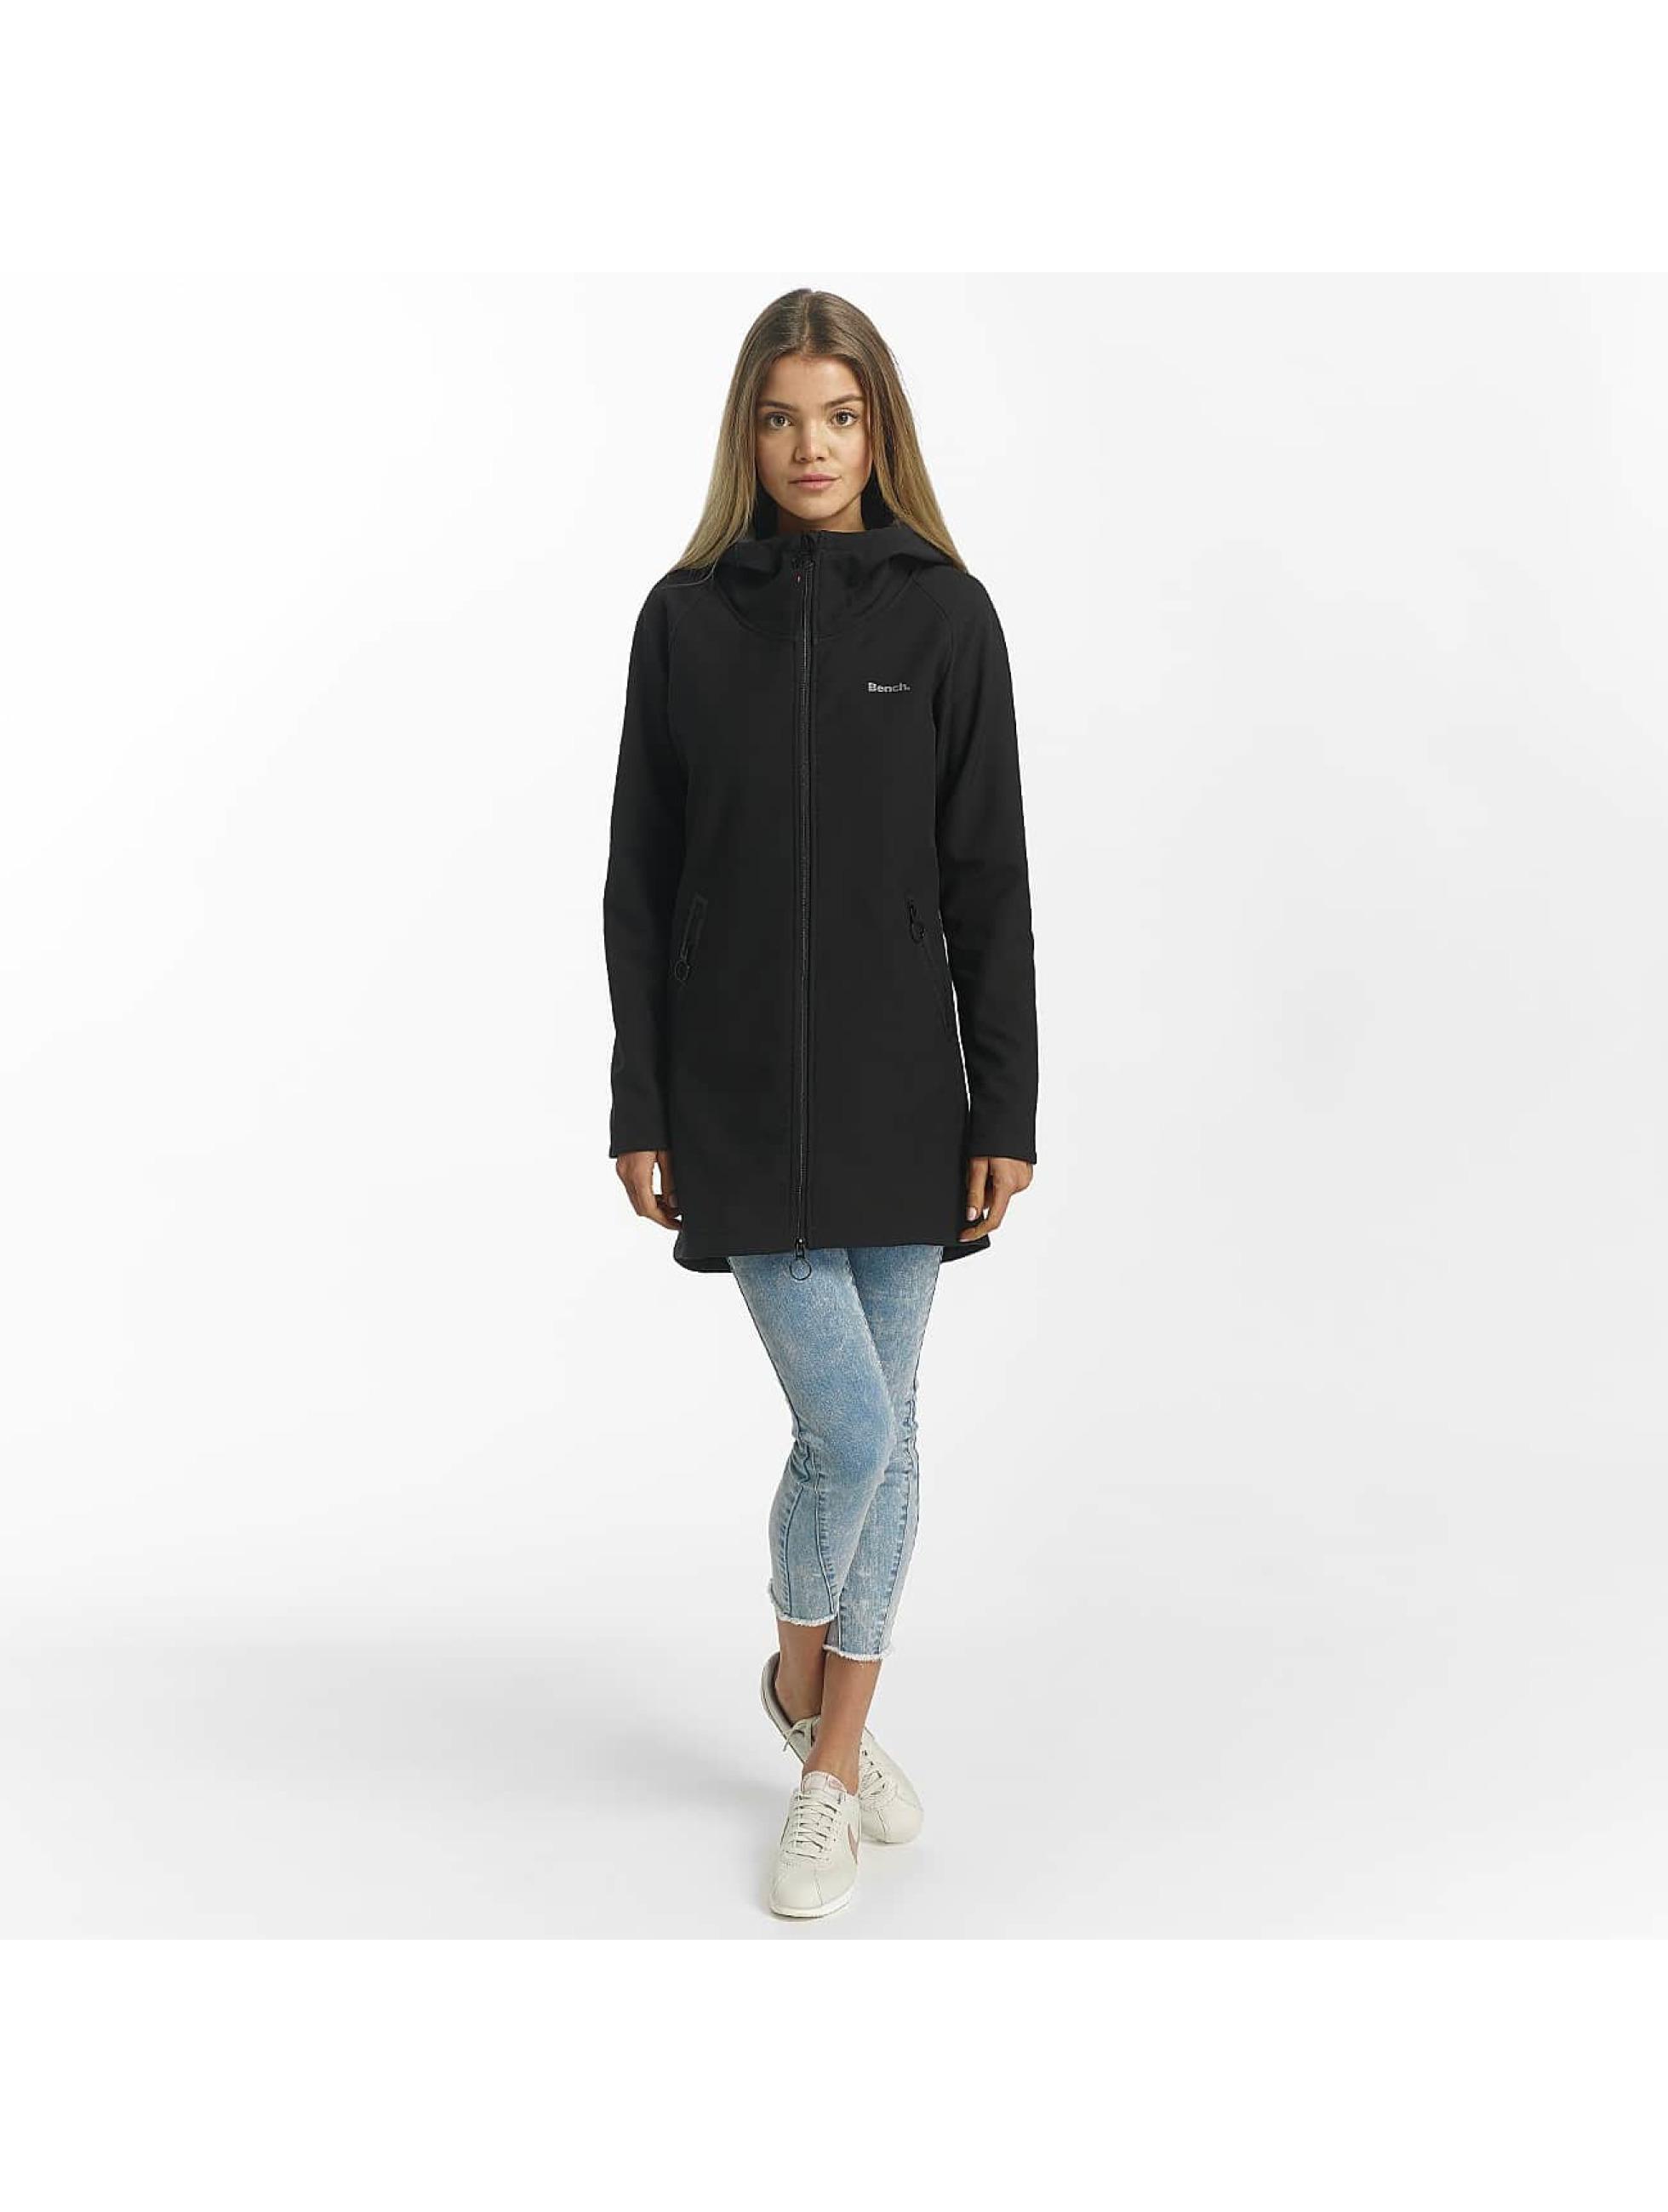 Bench Демисезонная куртка Slim Longline Bonded черный